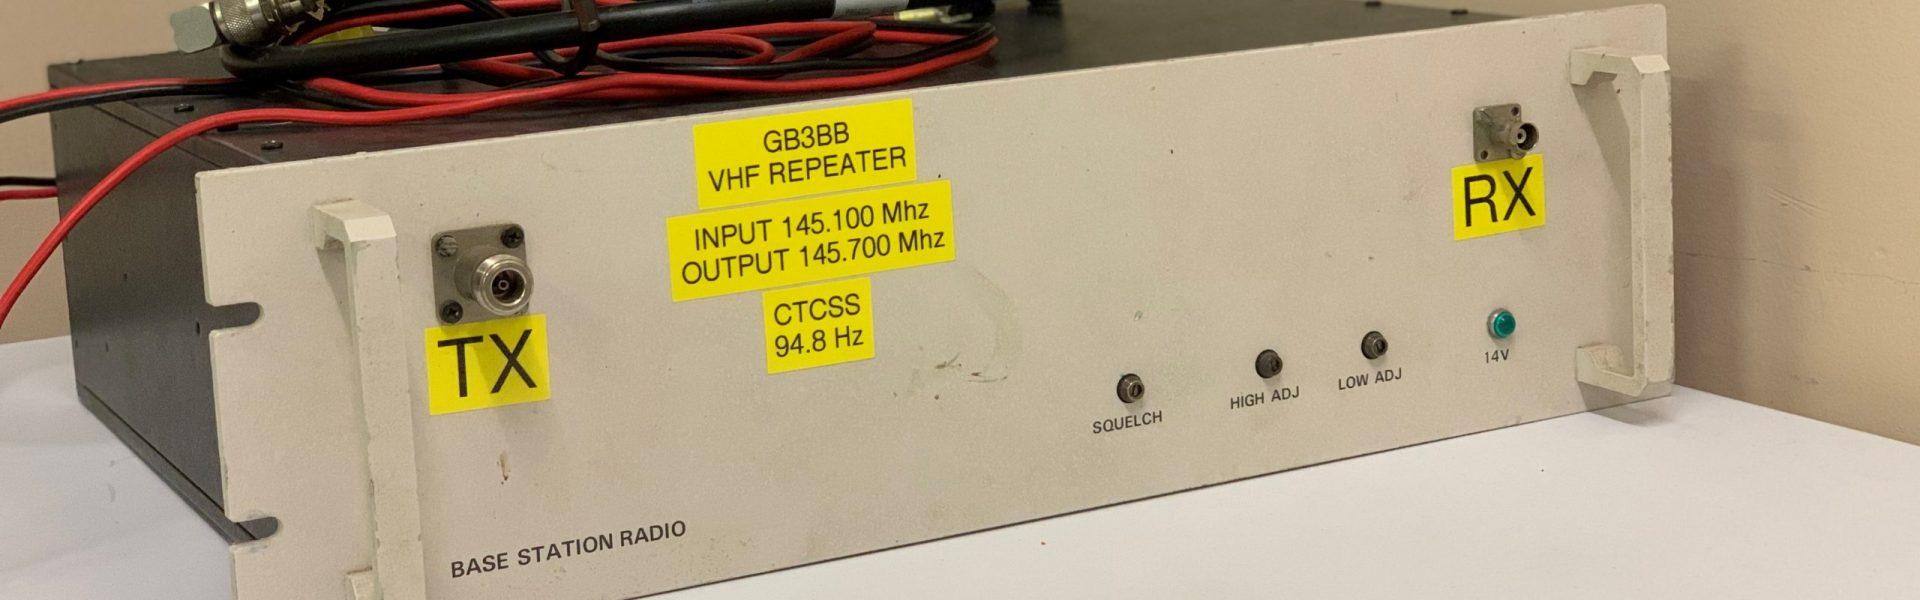 GB3BB.ORG